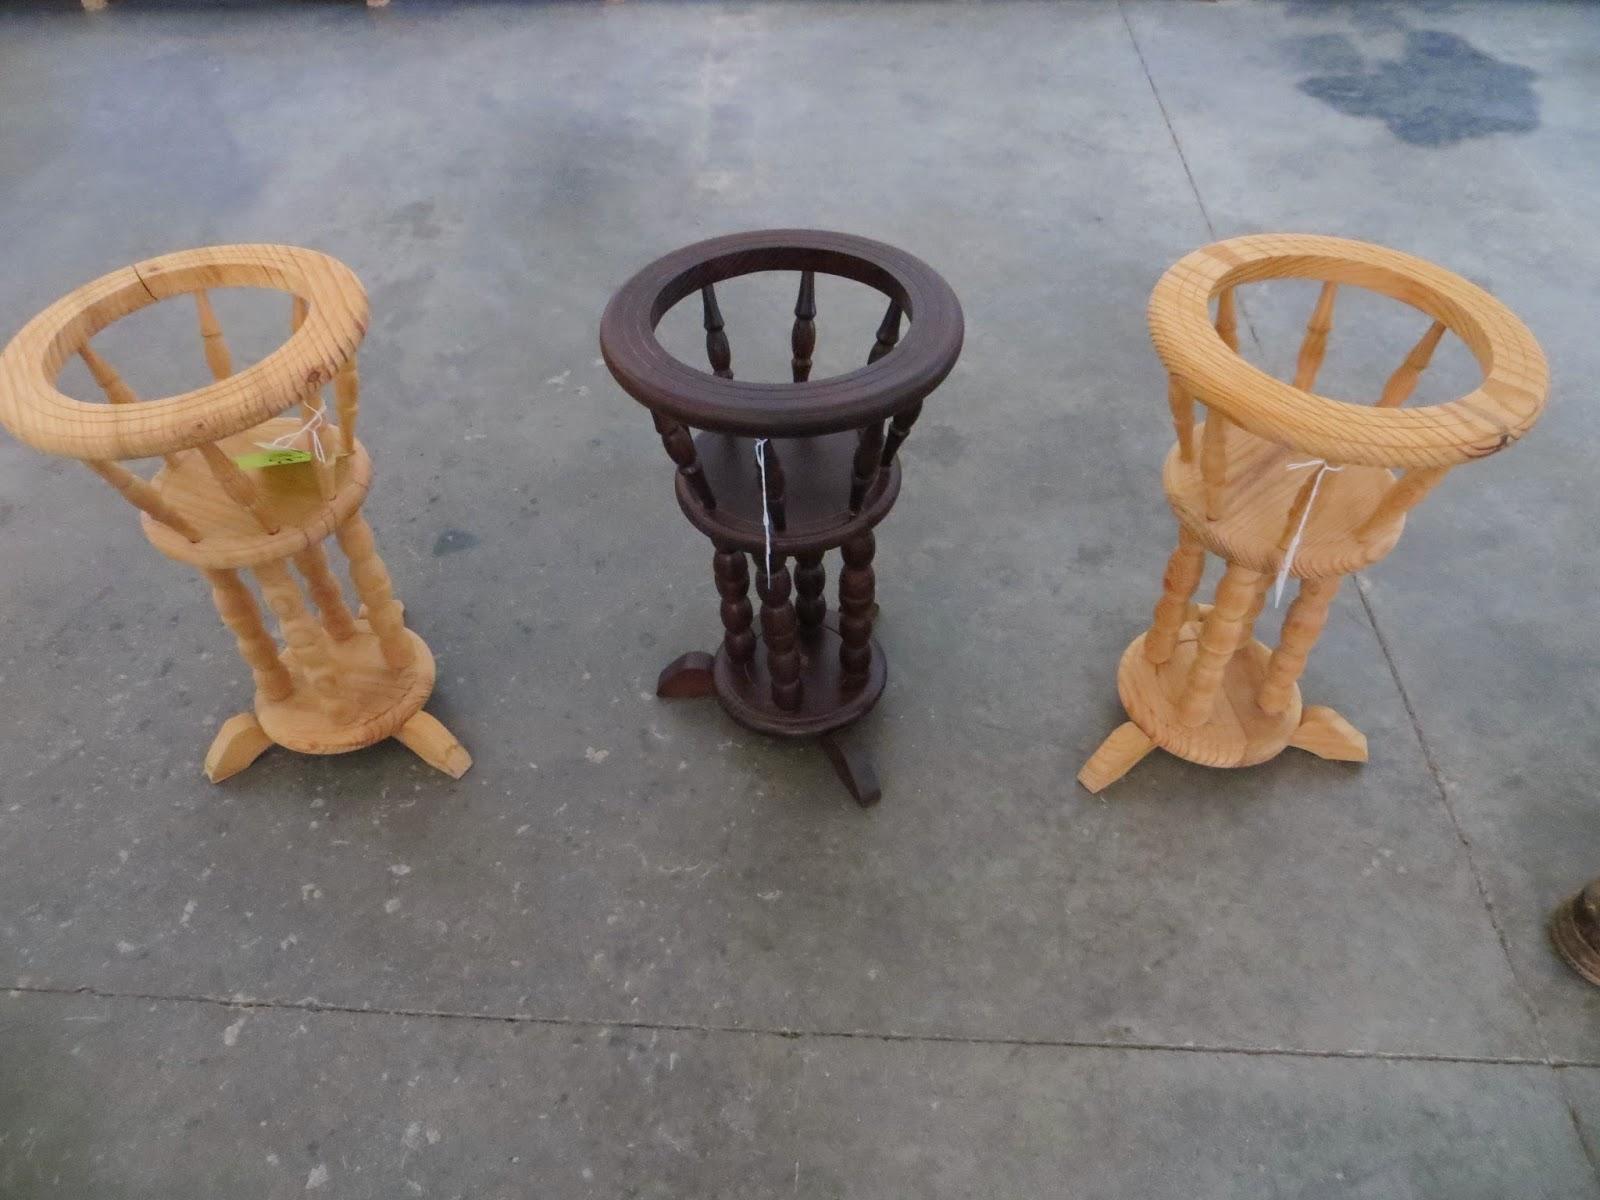 Muebles y artu00edculos de decoraciu00f3n a precios chollo: Porta macetas de ...